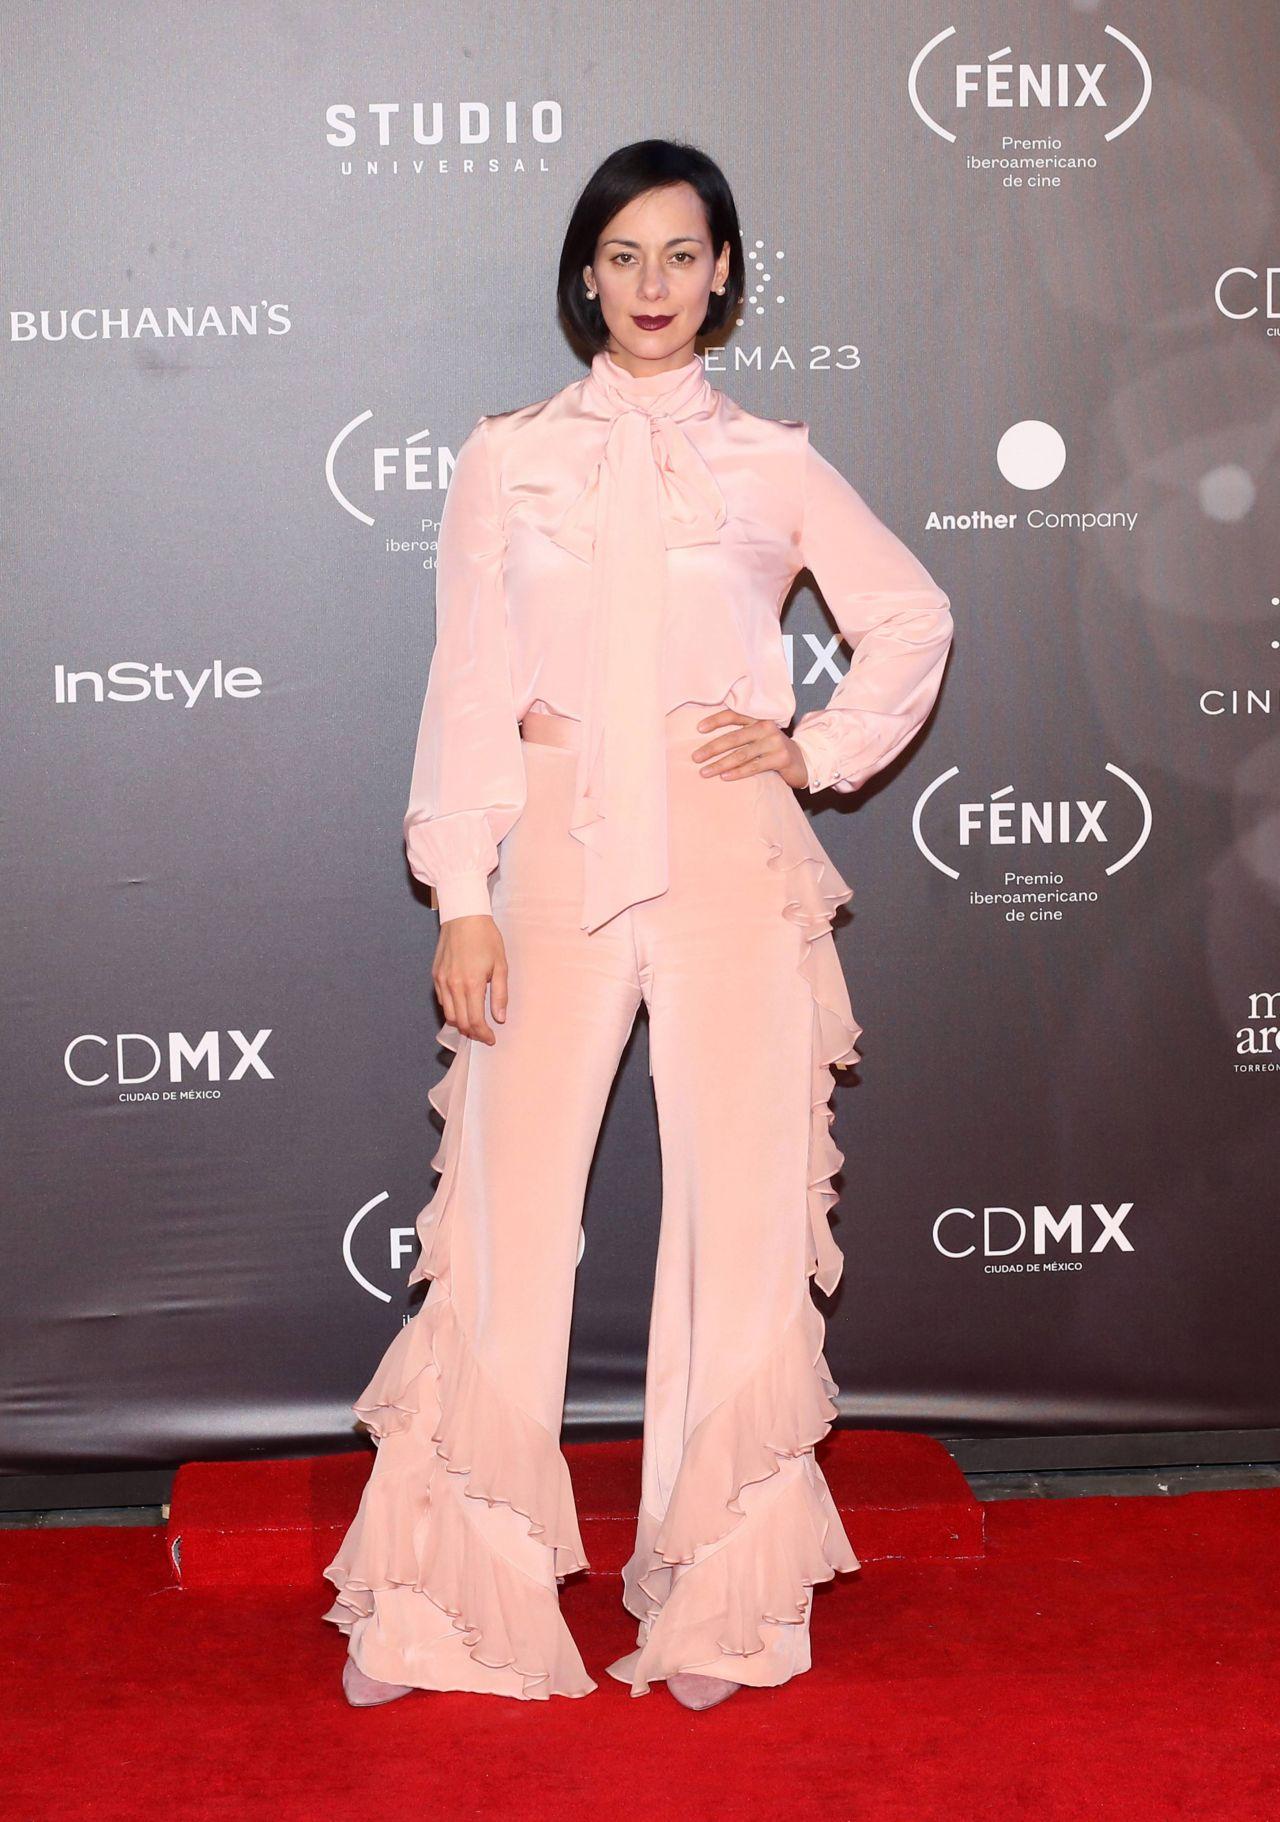 http://celebmafia.com/wp-content/uploads/2017/12/gaby-de-la-garza-fenix-film-awards-2017-red-carpet-1.jpg